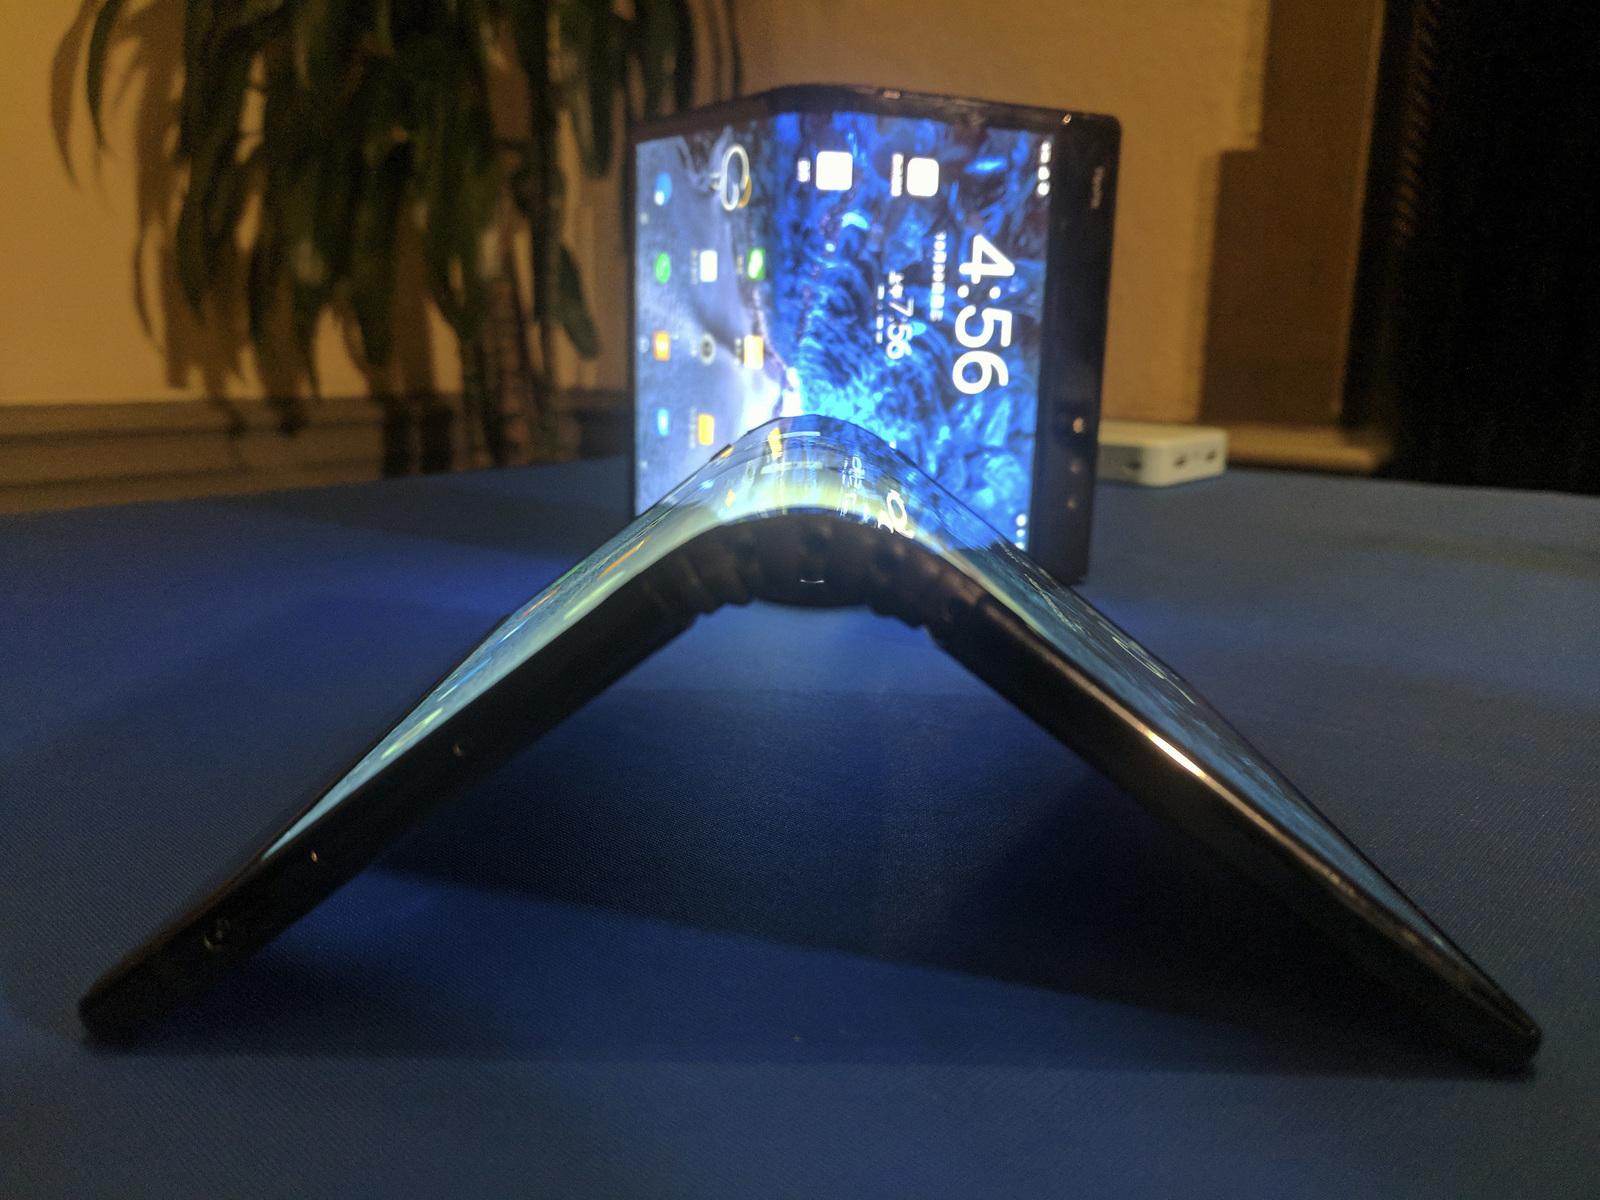 Presenta Samsung teléfono flexible